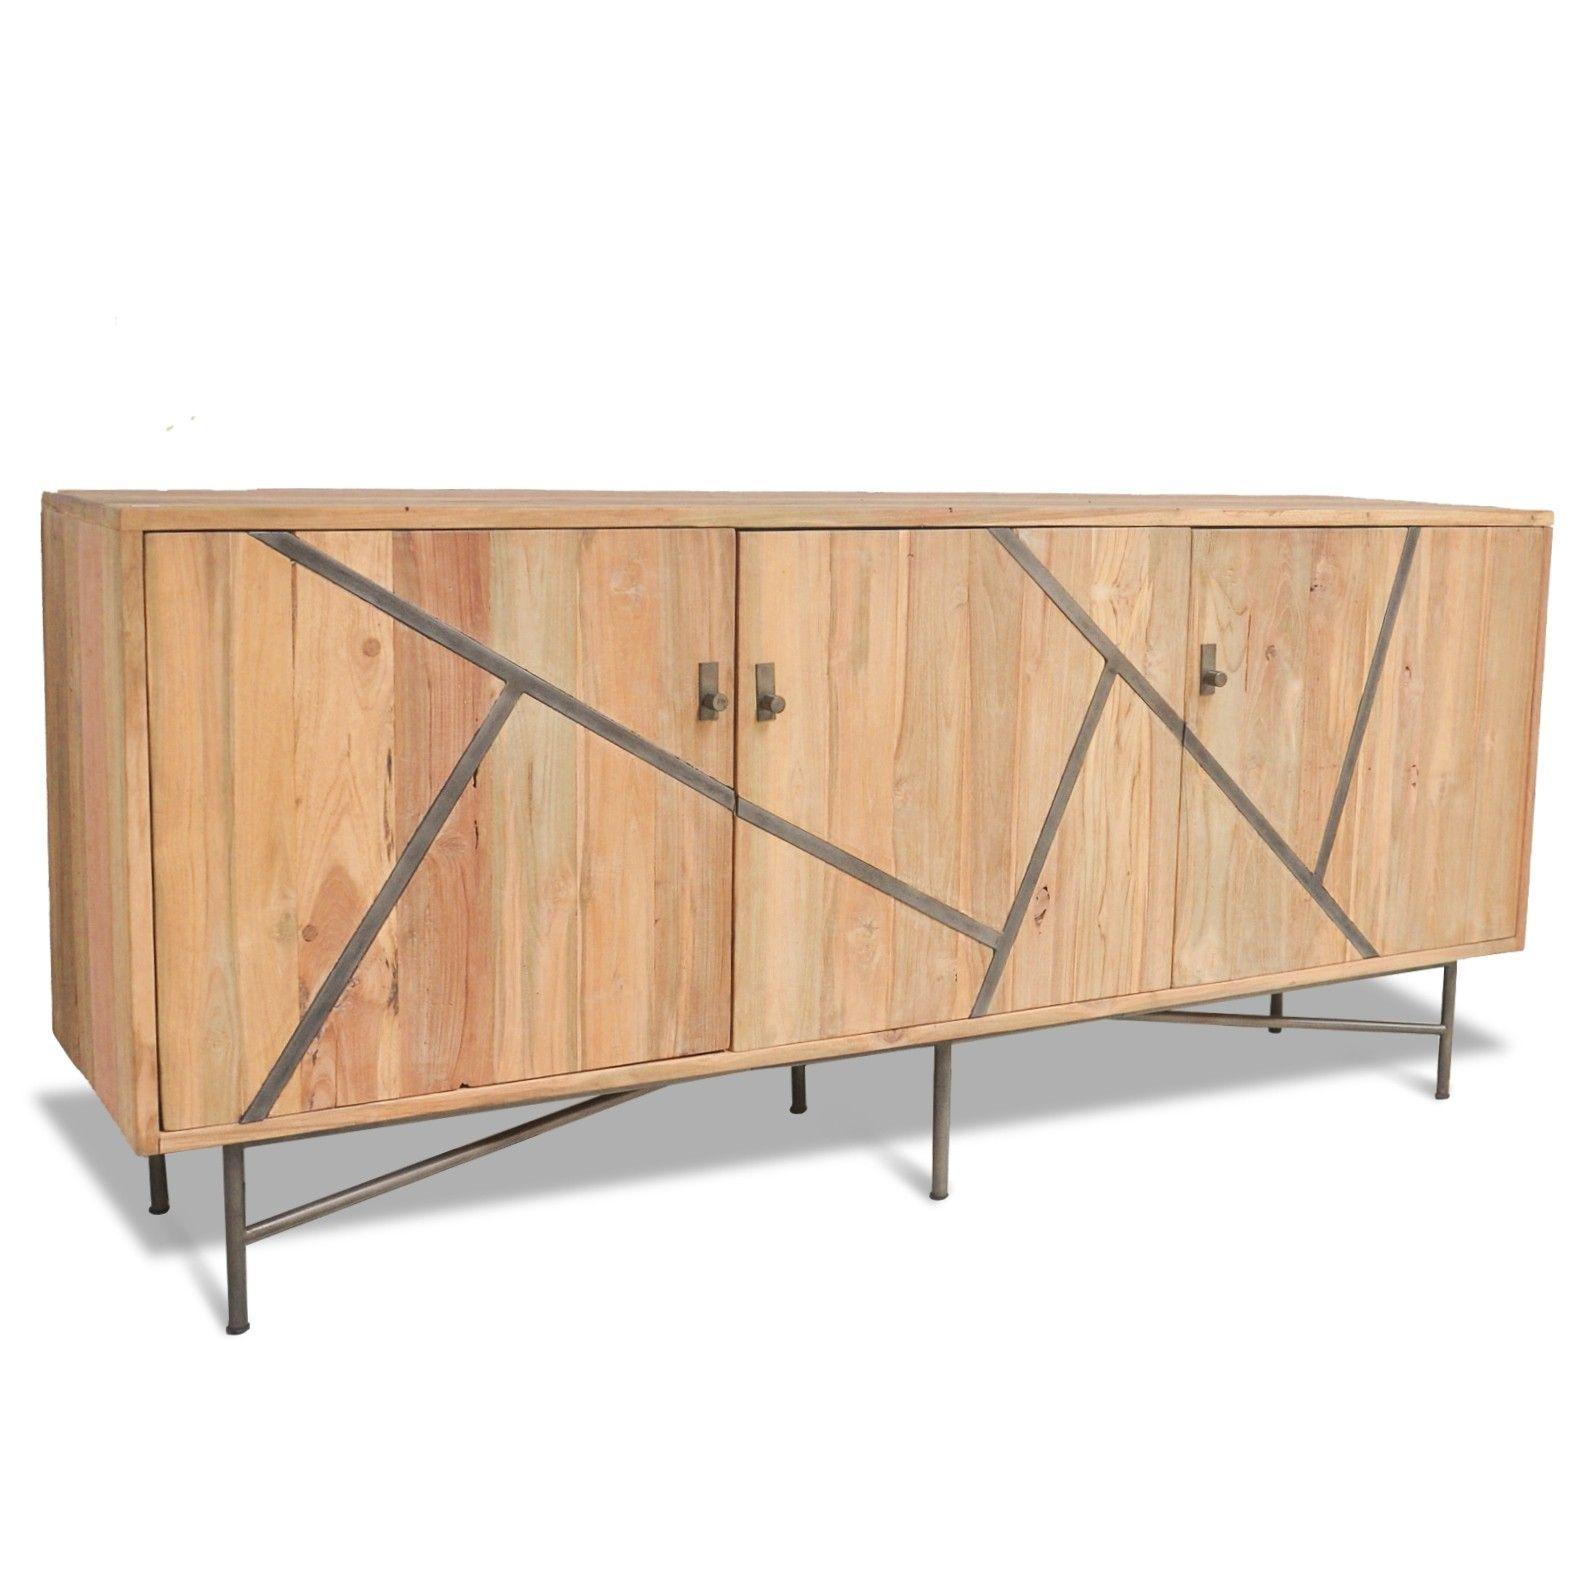 Elegant Et Pratique Bureau De Style Industriel Loft. Teck Recyclé Et Acier.  Un Meuble Chaleureux, Sain Et Durable.